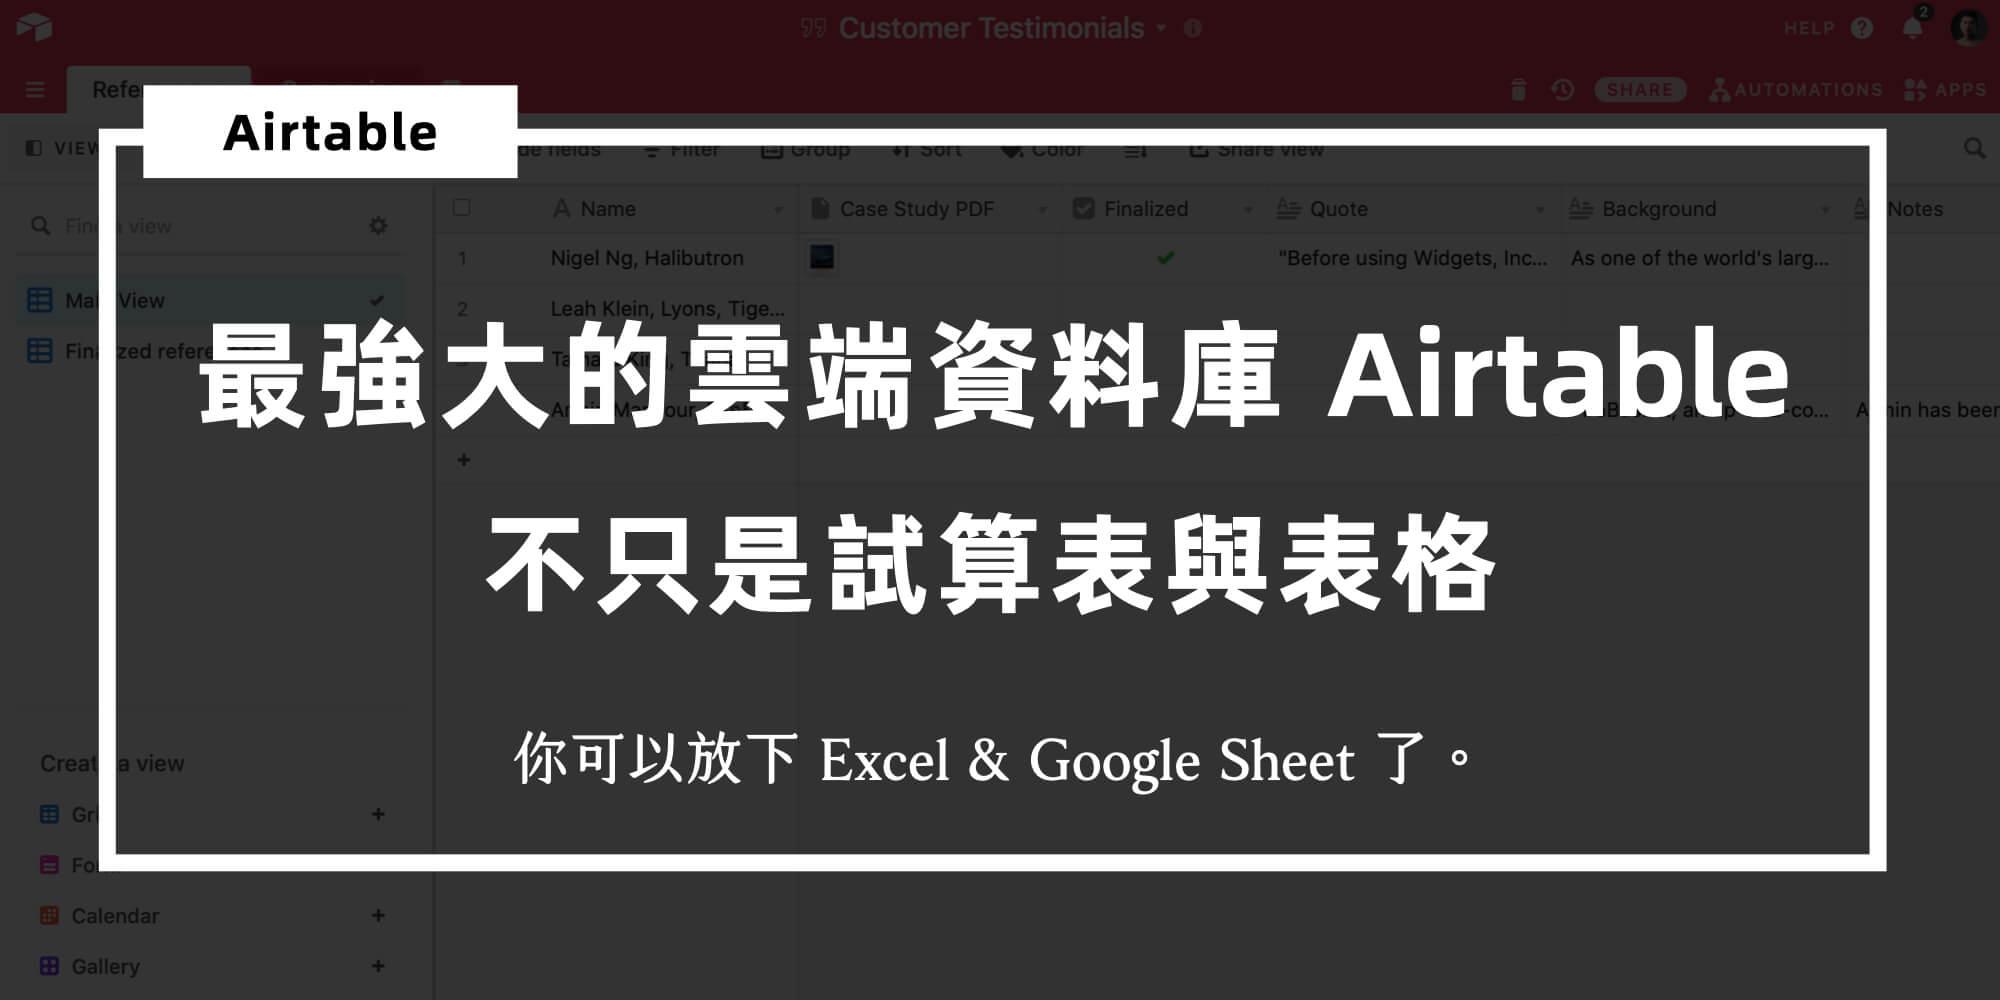 最強大的雲端資料庫-Airtable-中文介紹